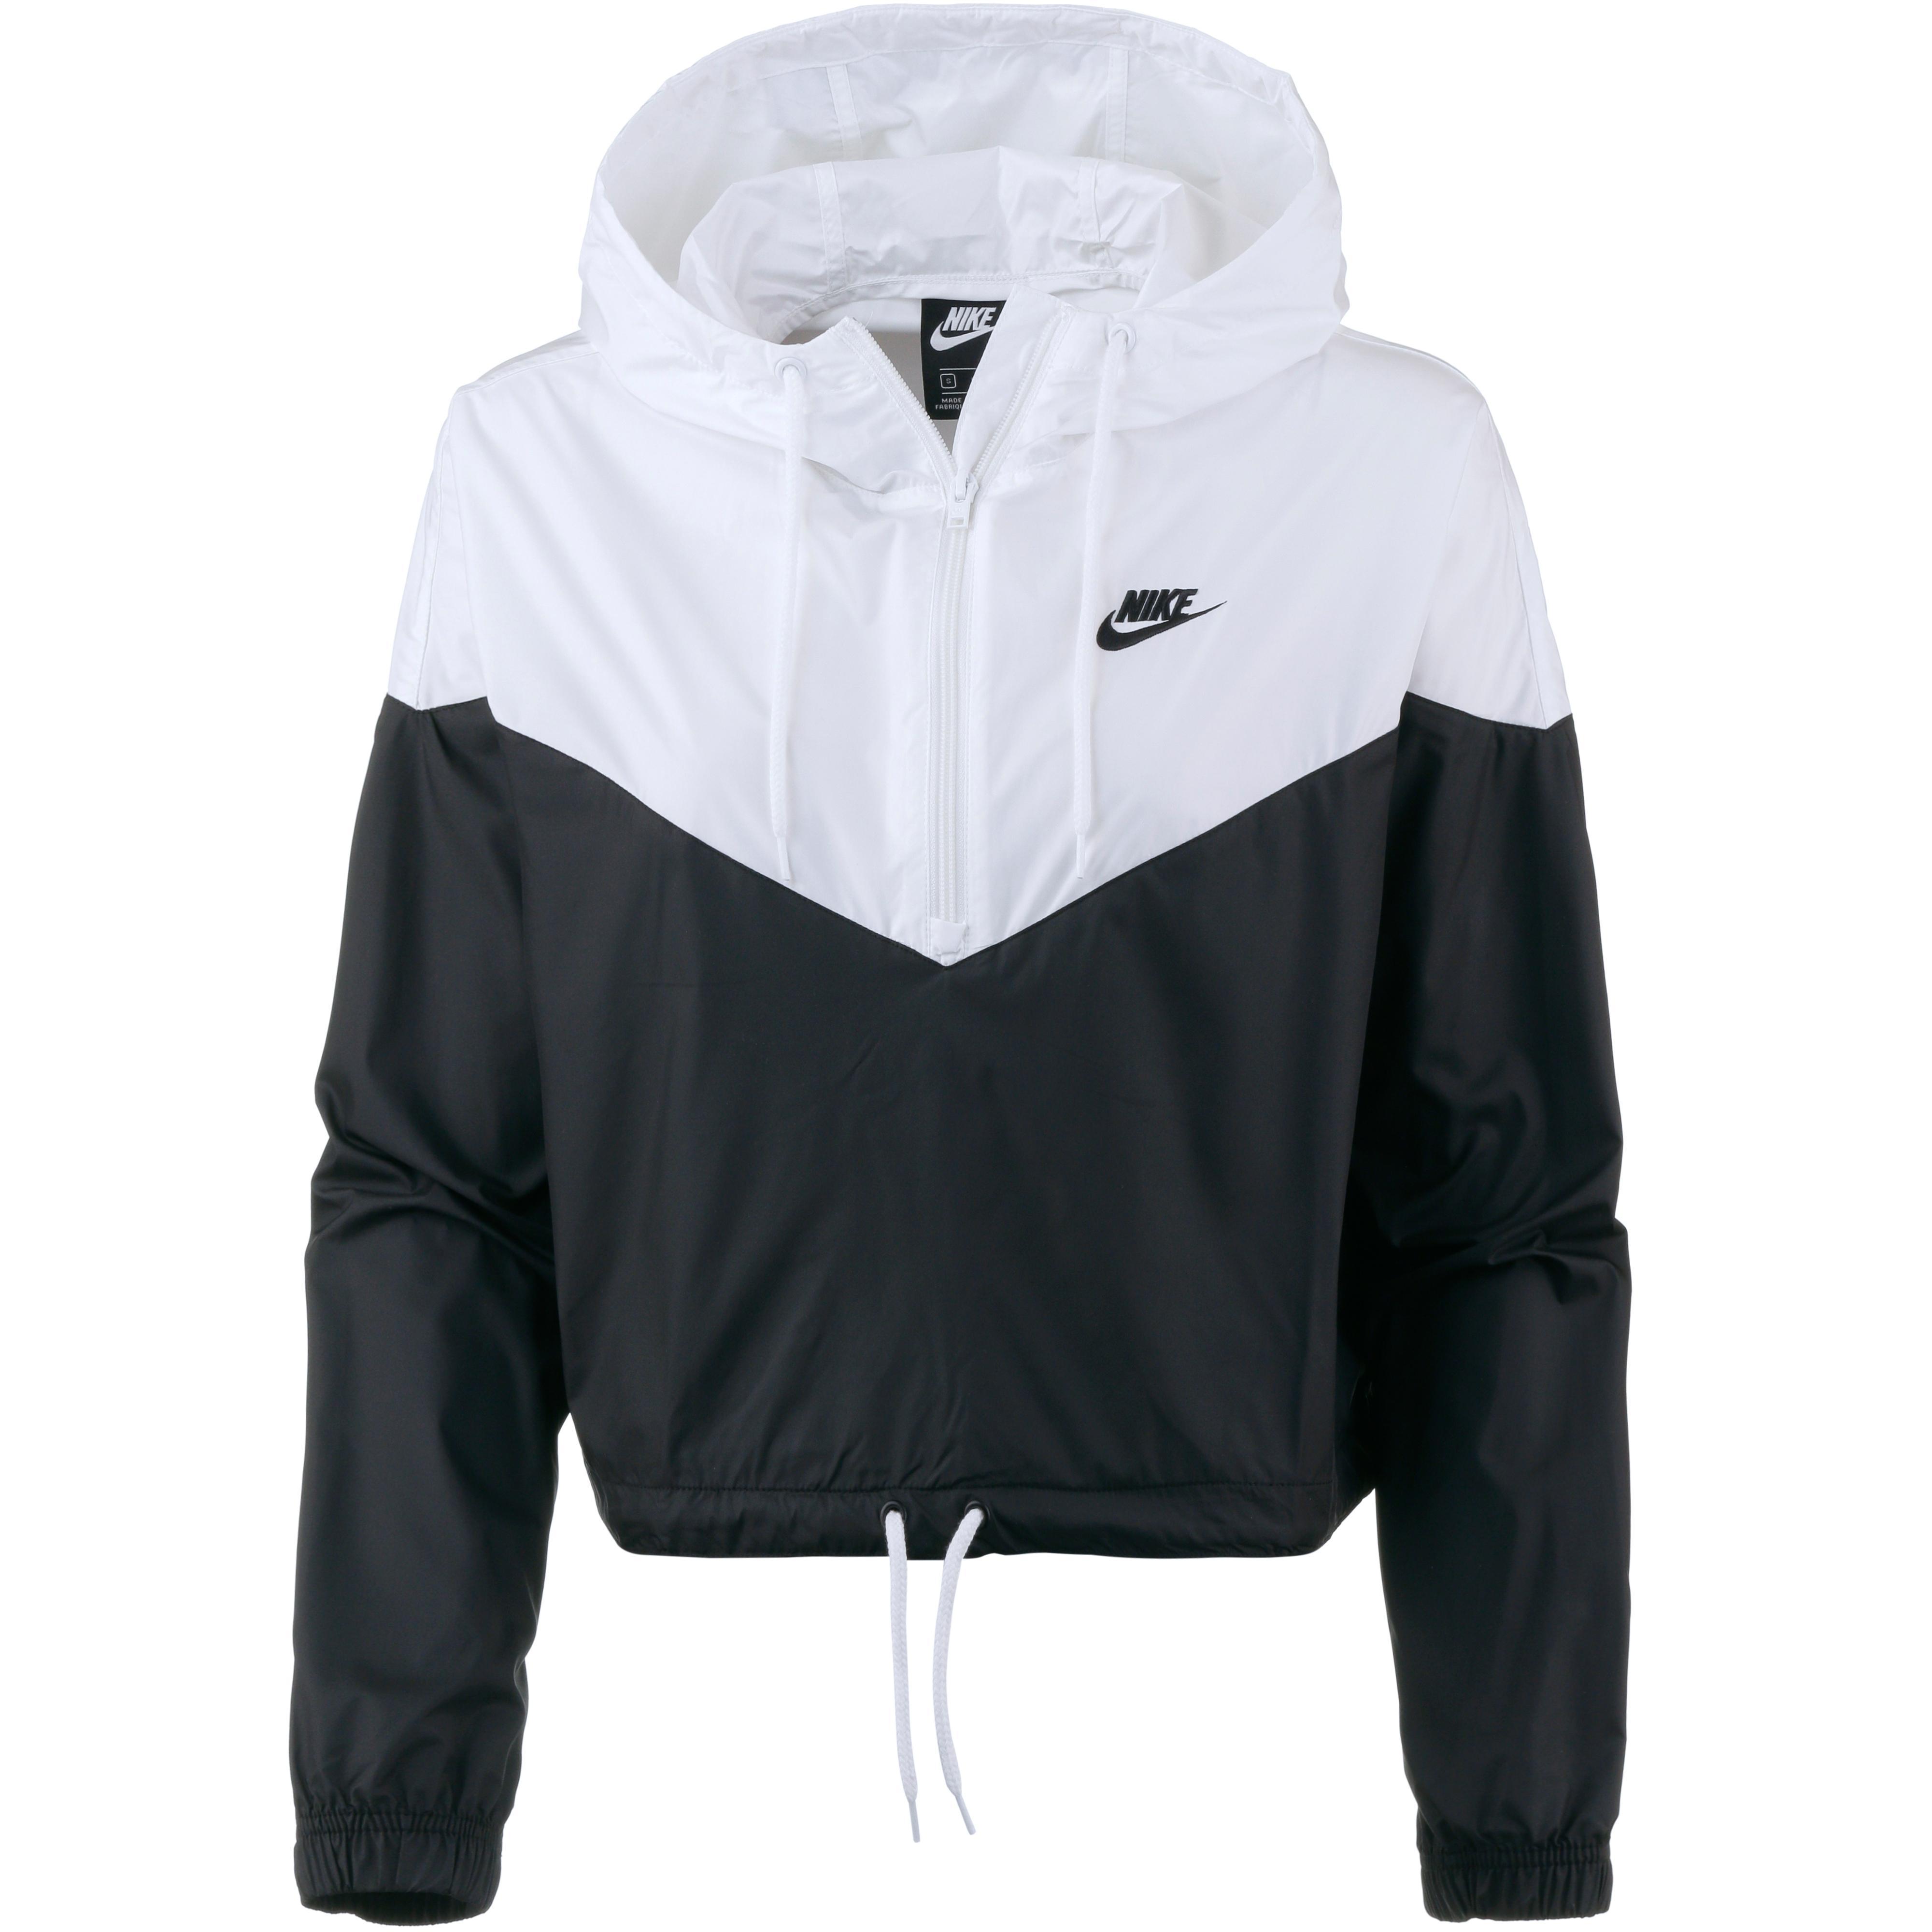 Nike jacke damen winter